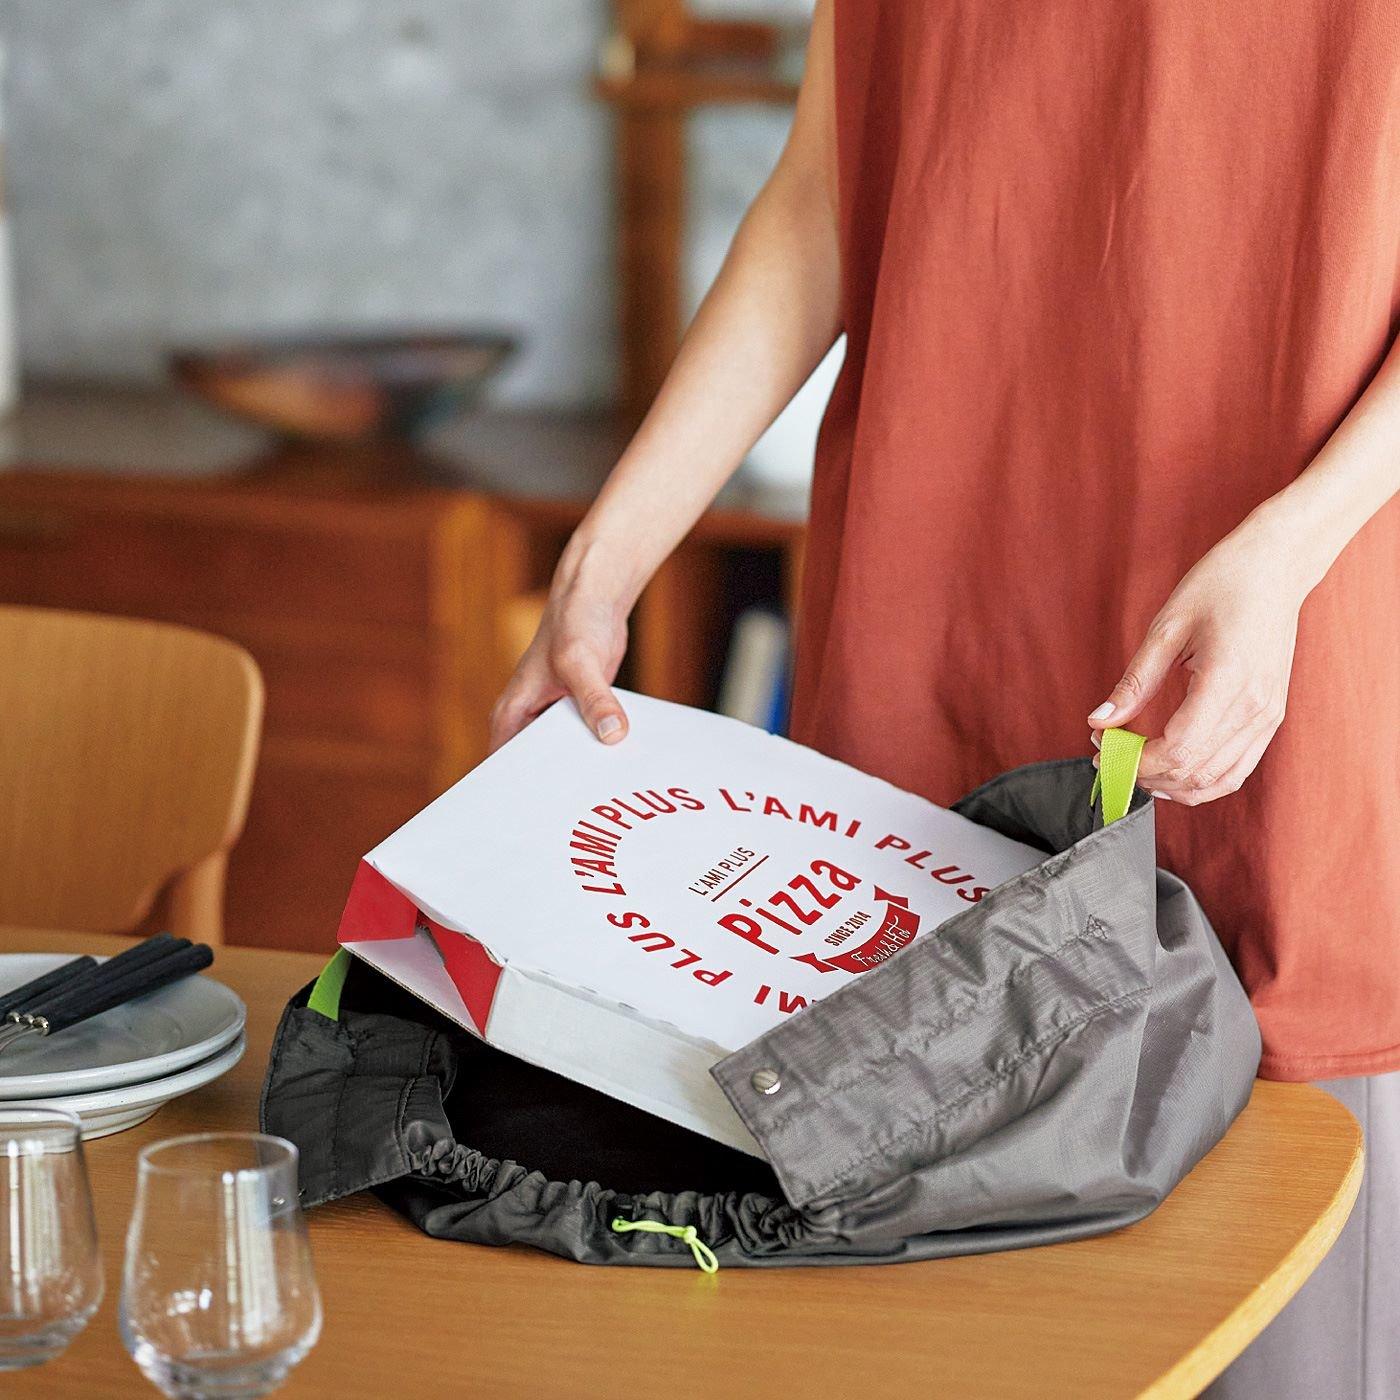 ラミプリュス お弁当もピザもお寿司もお持ち帰りOK 風呂敷みたいなエコバッグの会